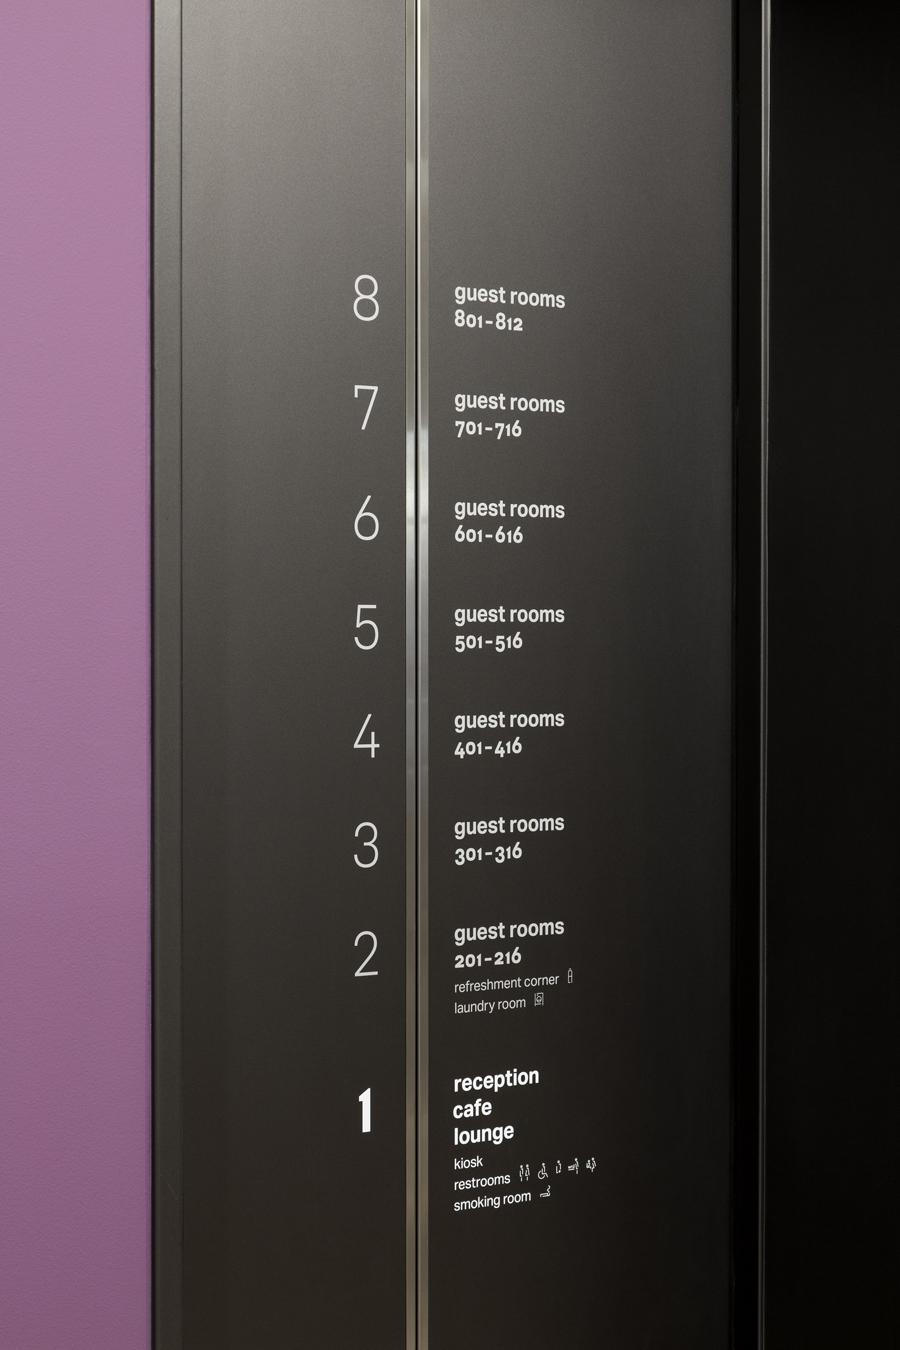 新宿定制酒店bespoke hotel shinjuku,品牌设计,标识设计   © artless Inc.